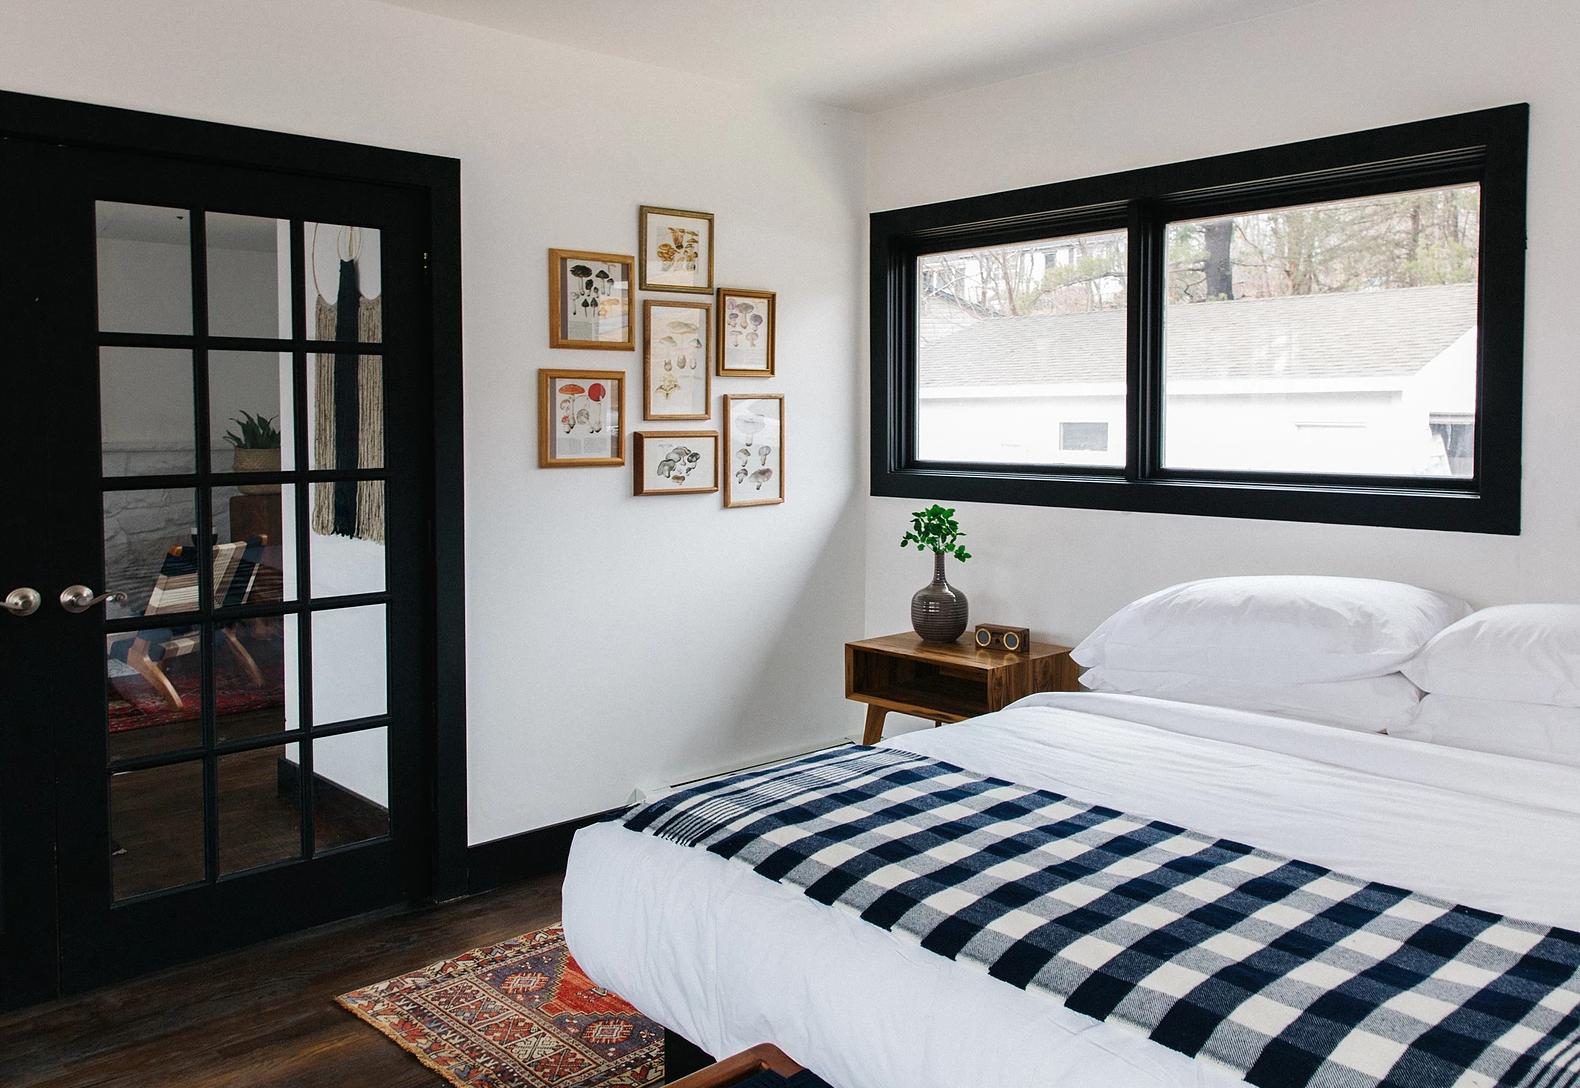 Bedroom, Bed, Dark Hardwood Floor, Rug Floor, and Night Stands  Eastwind Hotel & Bar